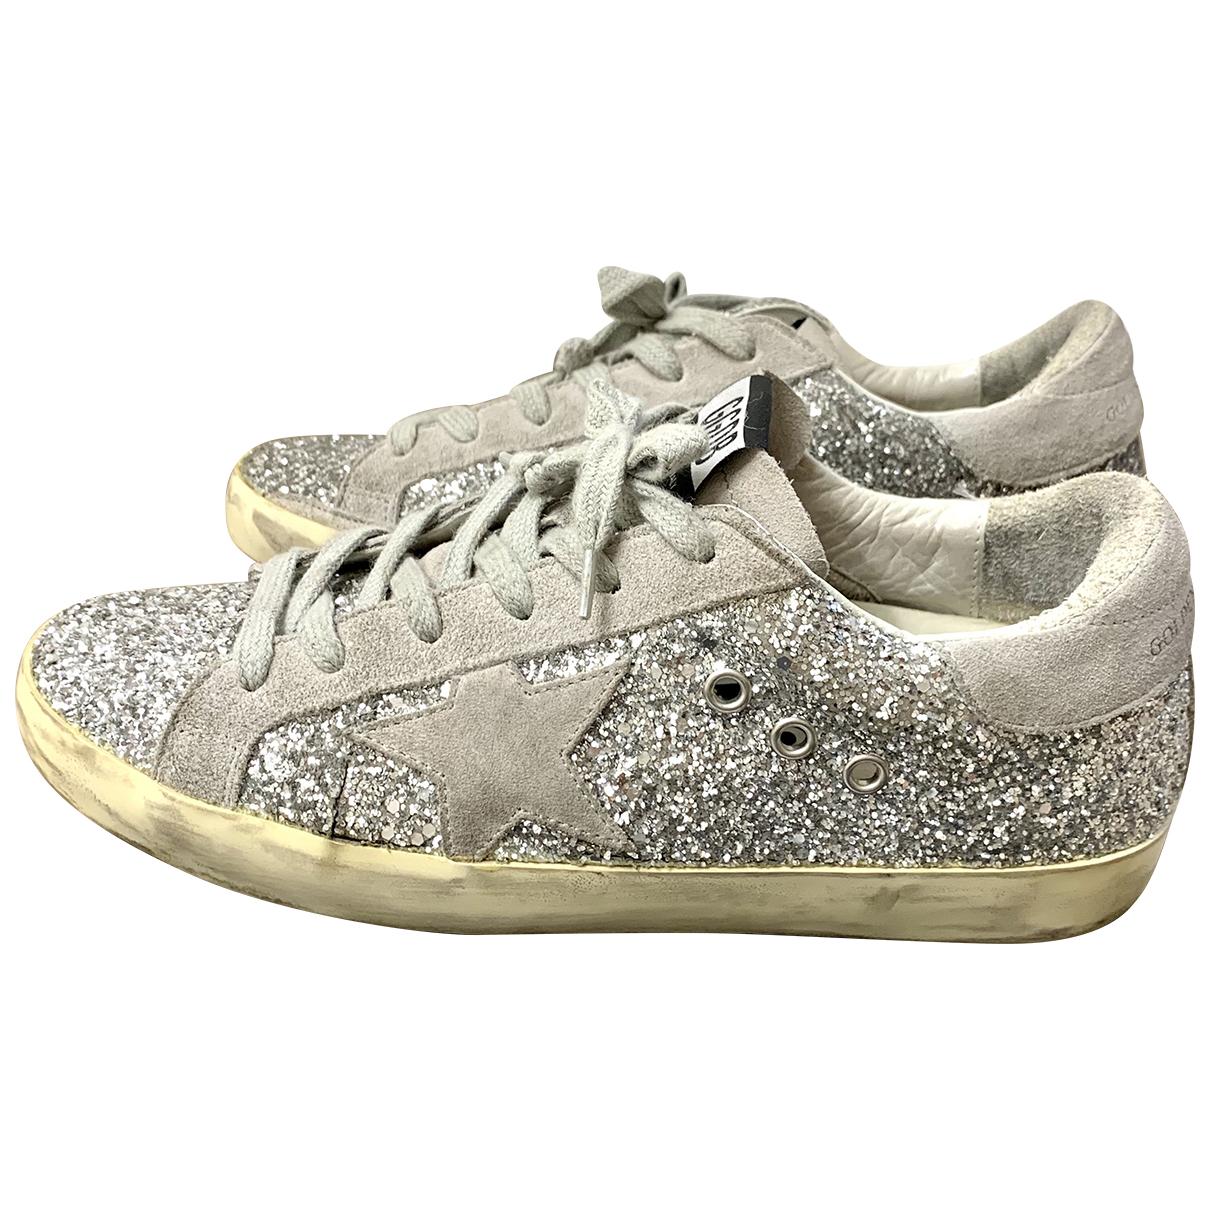 Golden Goose - Baskets Superstar pour femme en a paillettes - gris